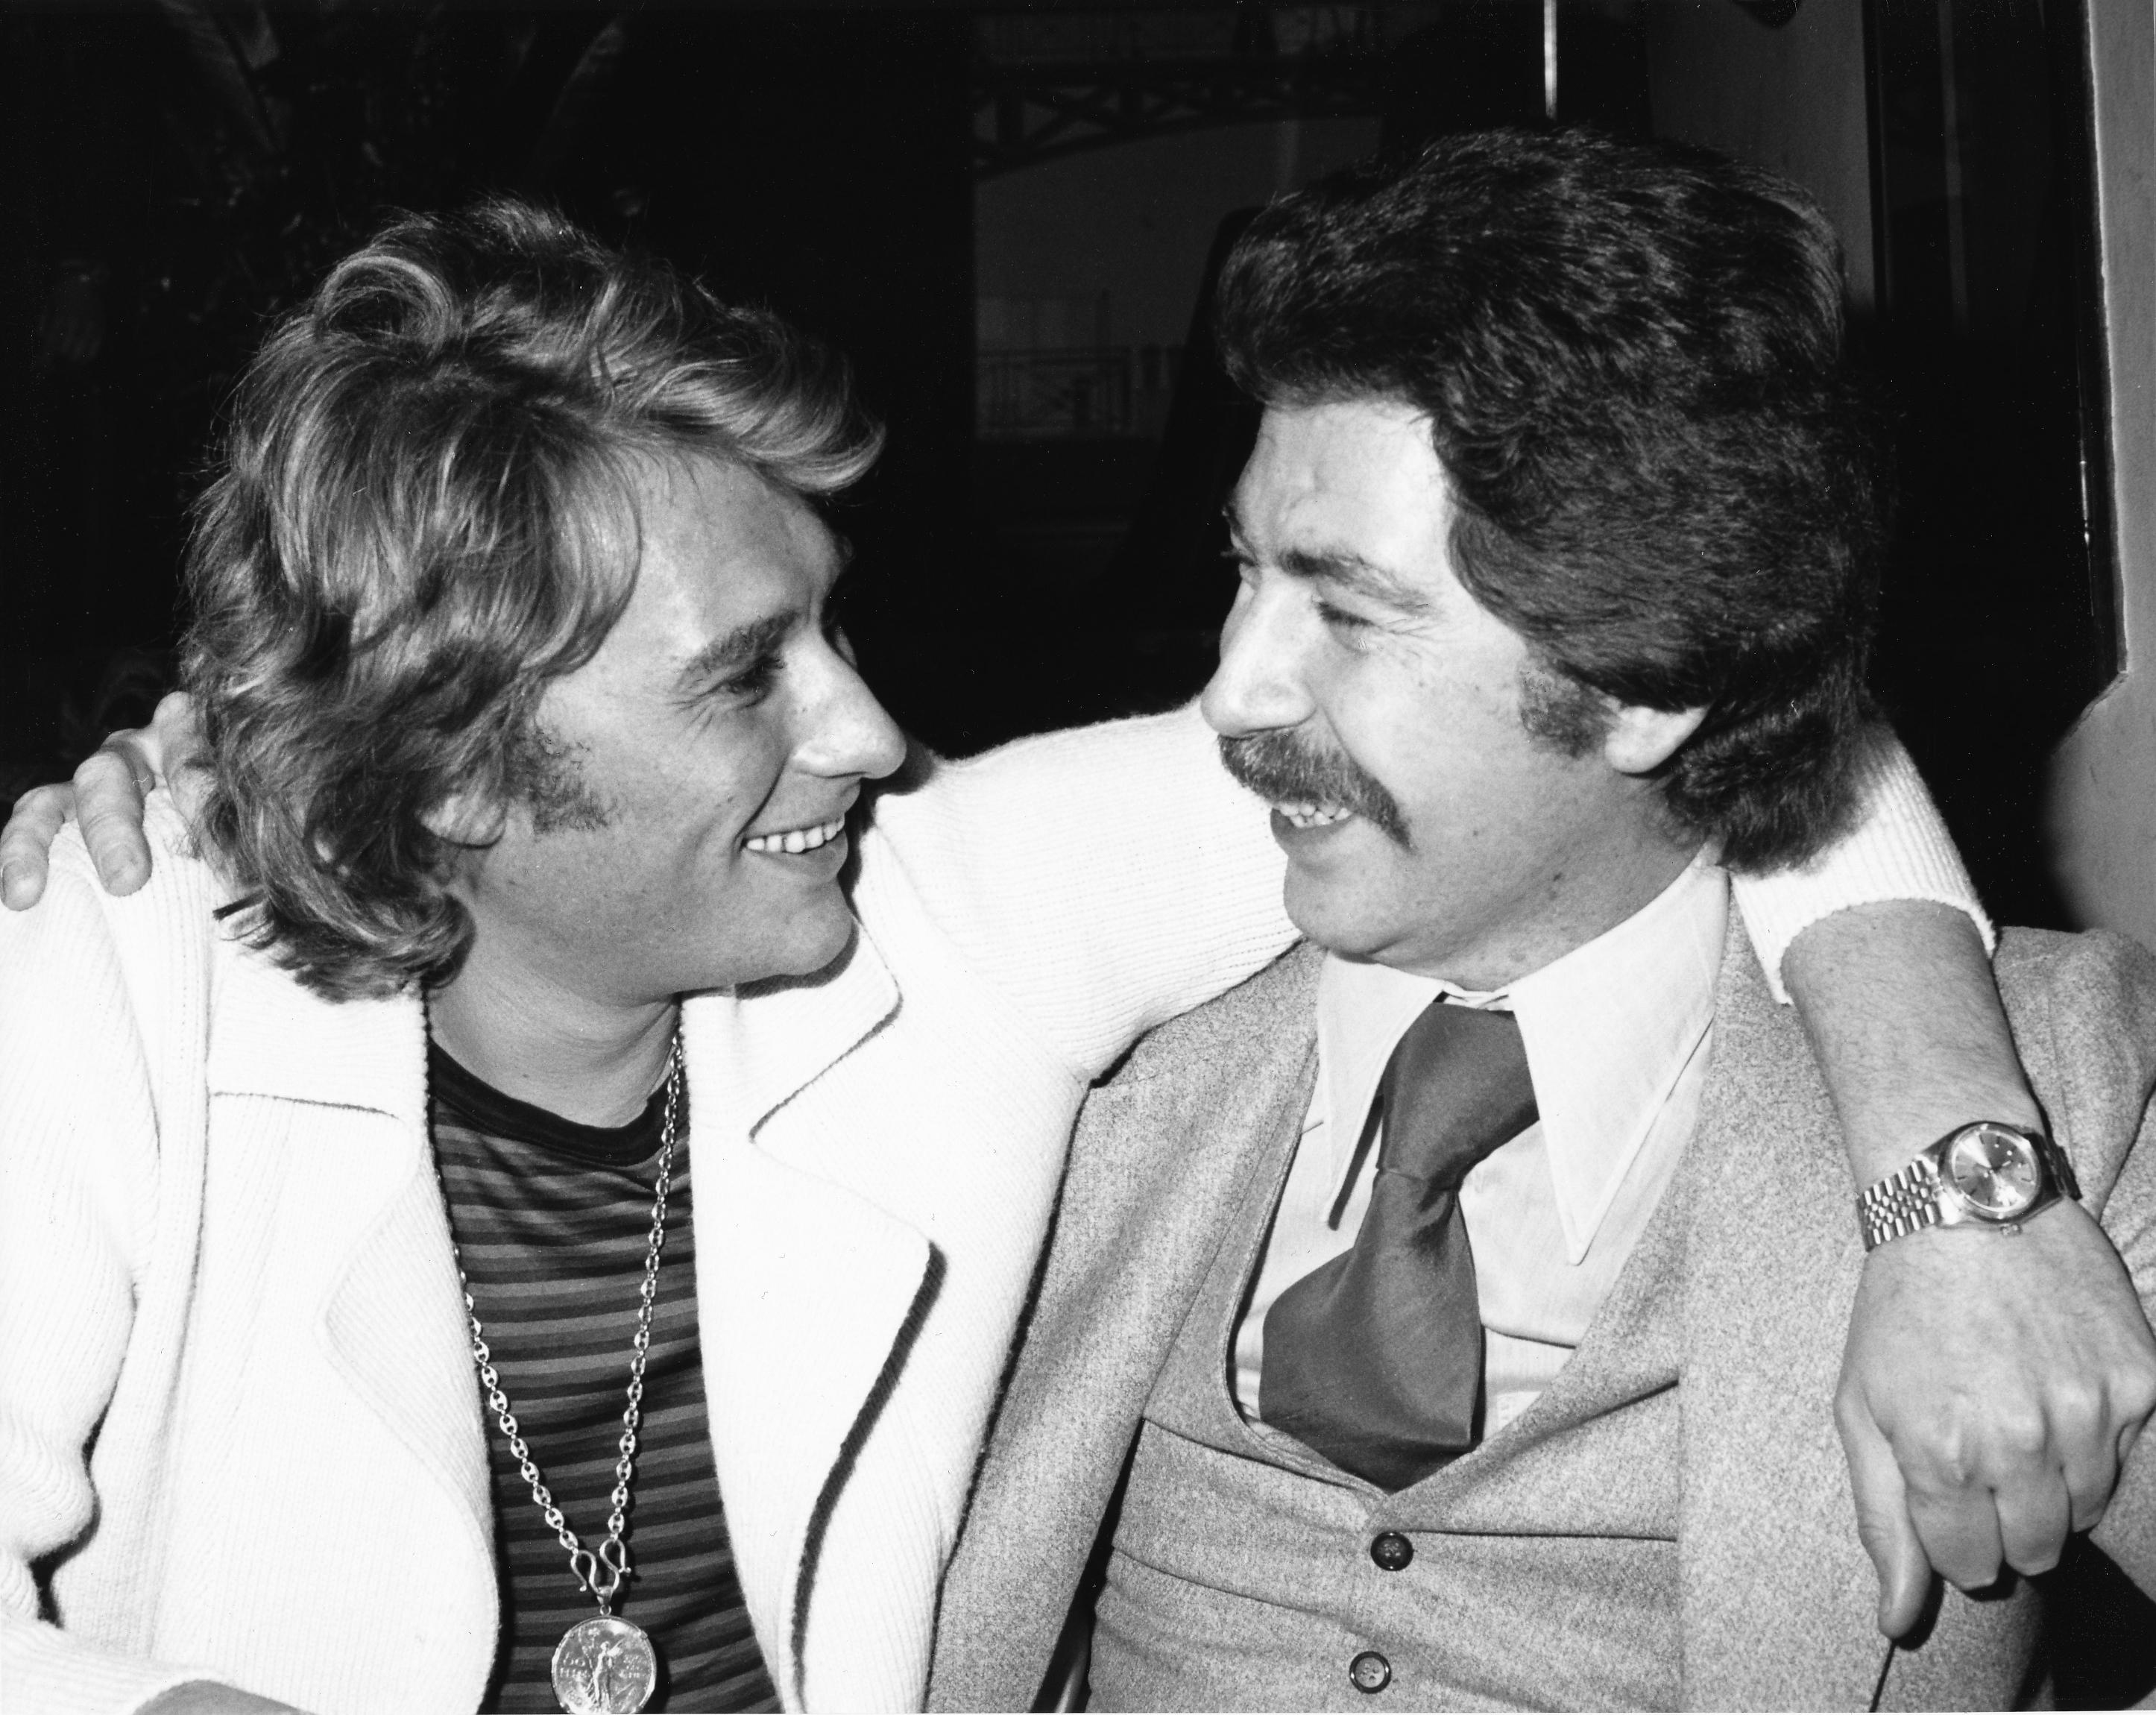 Johnny Hallyday avec Bernard H. Grobet en 1976 au Griffin's club, à Genève